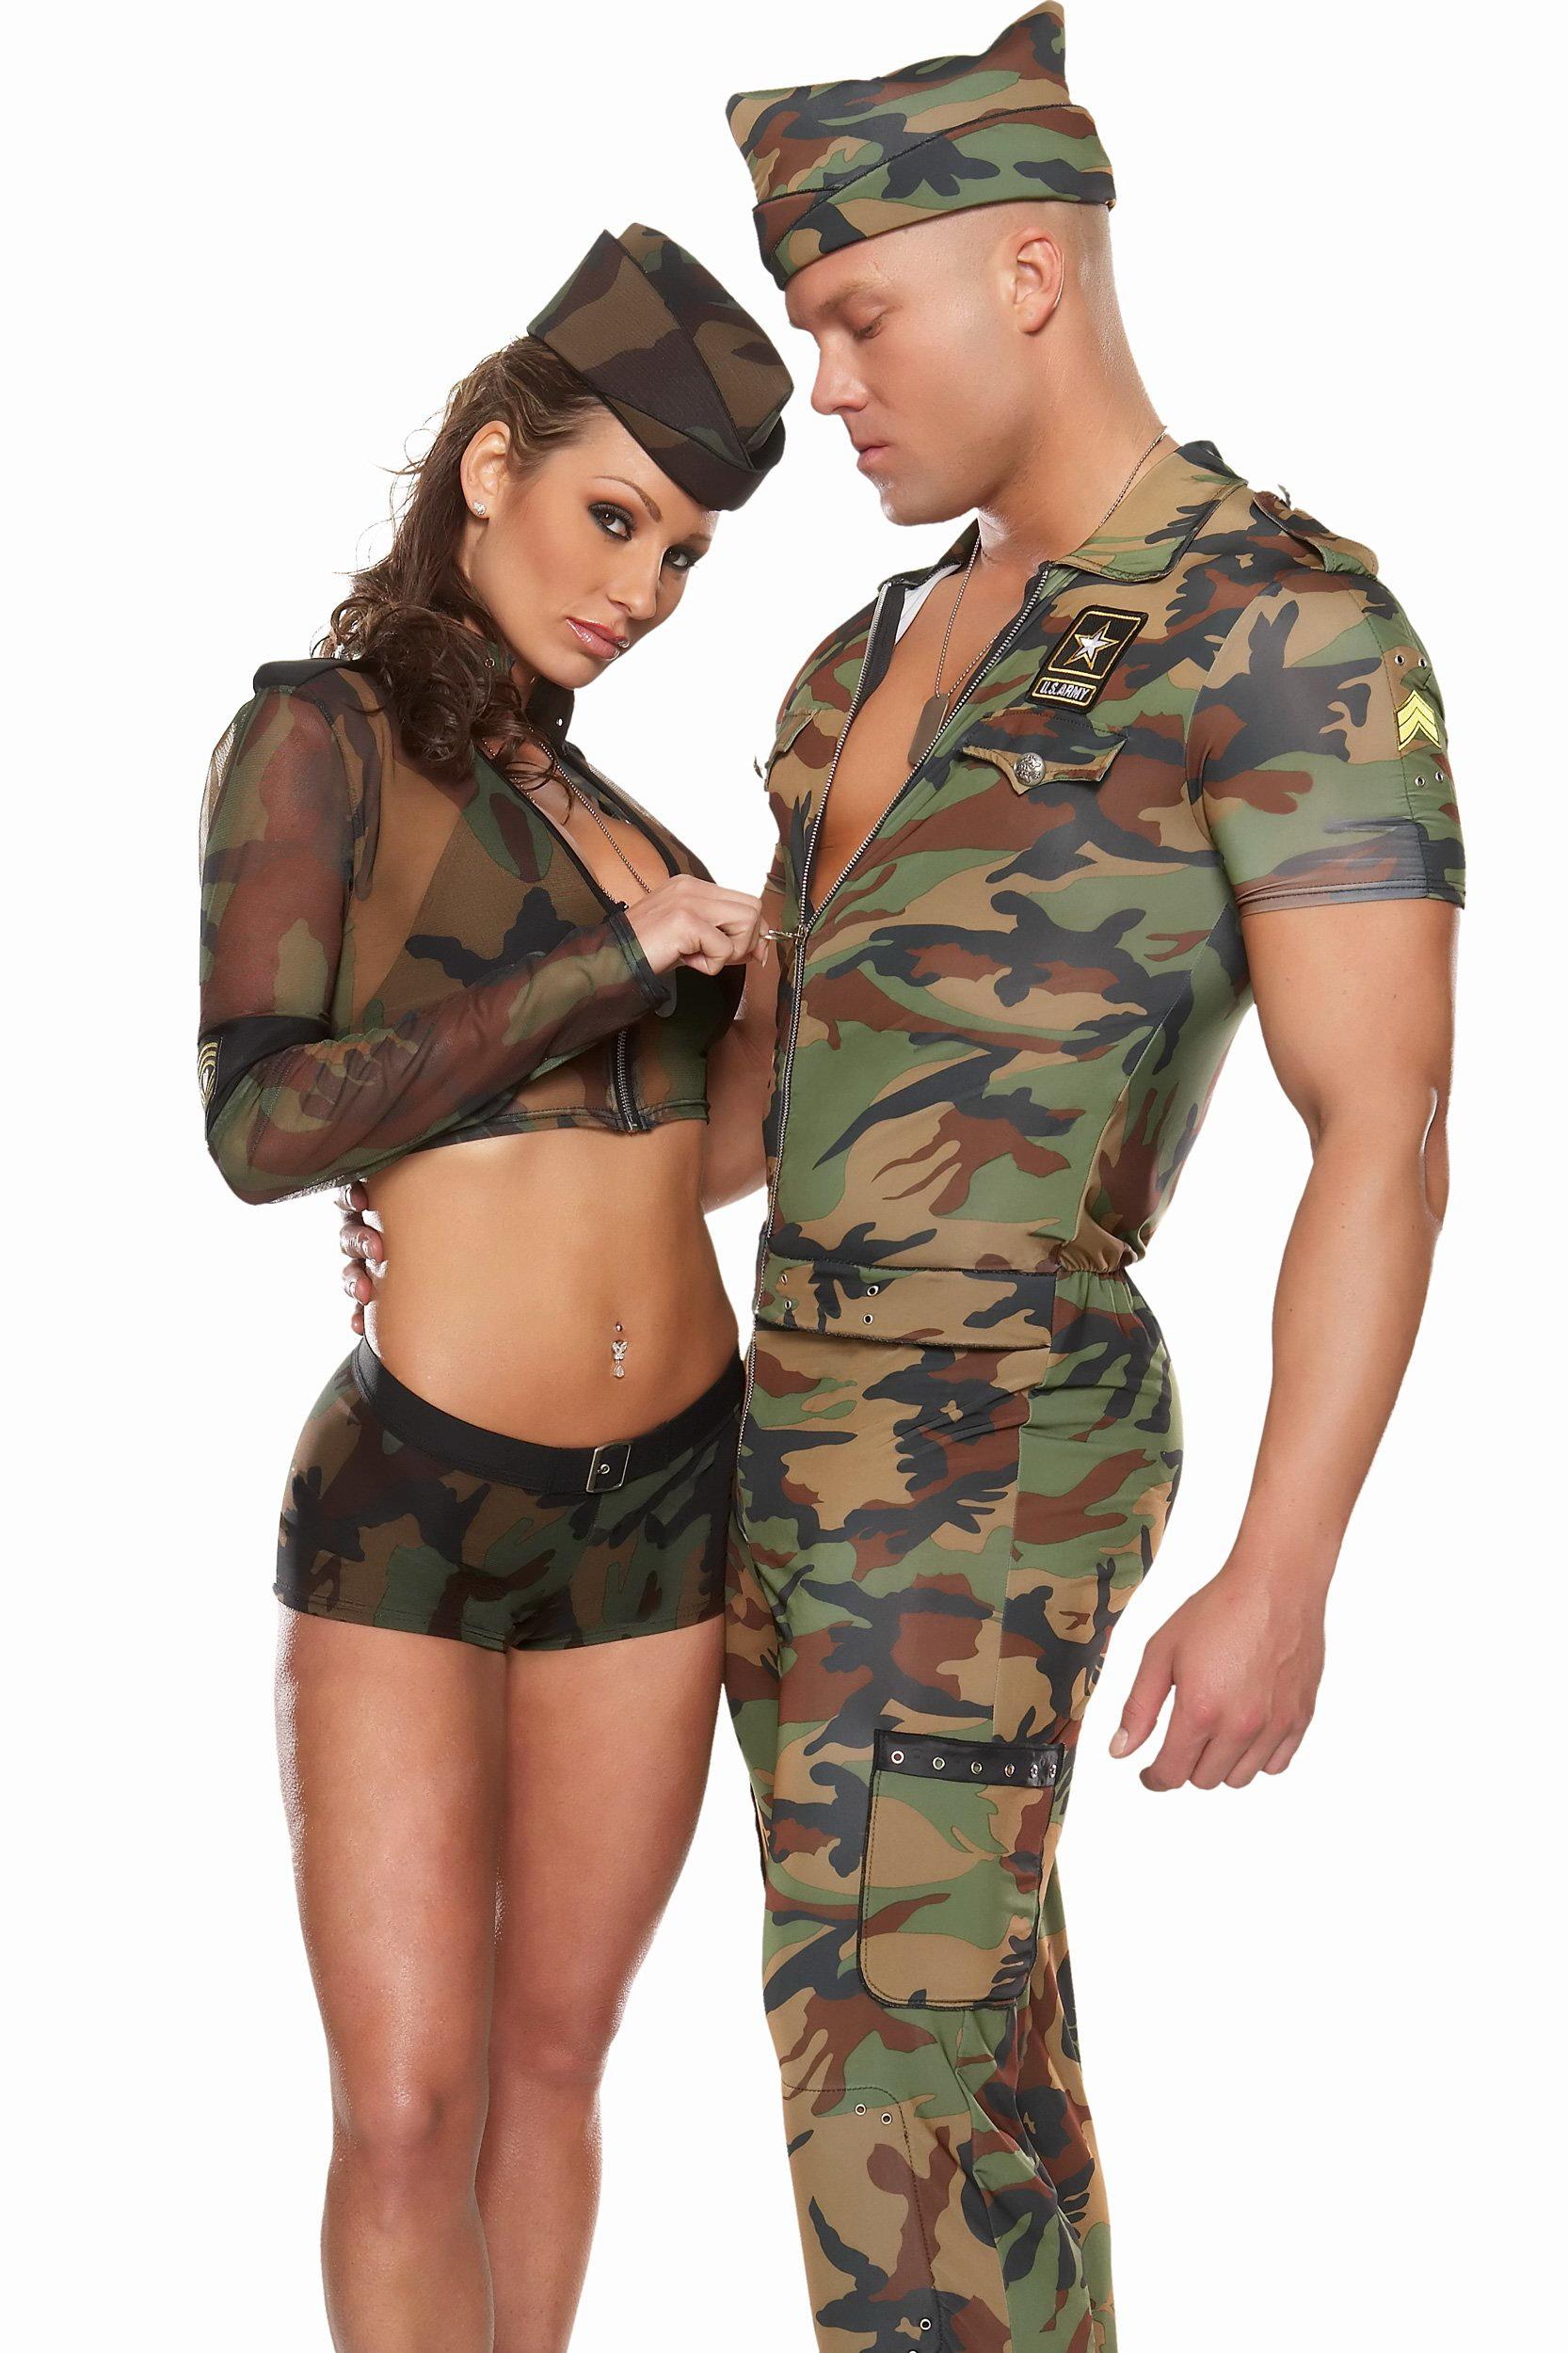 Сексуальные девушки в эротичных военных костюмах фотосессия фото 30 фотография